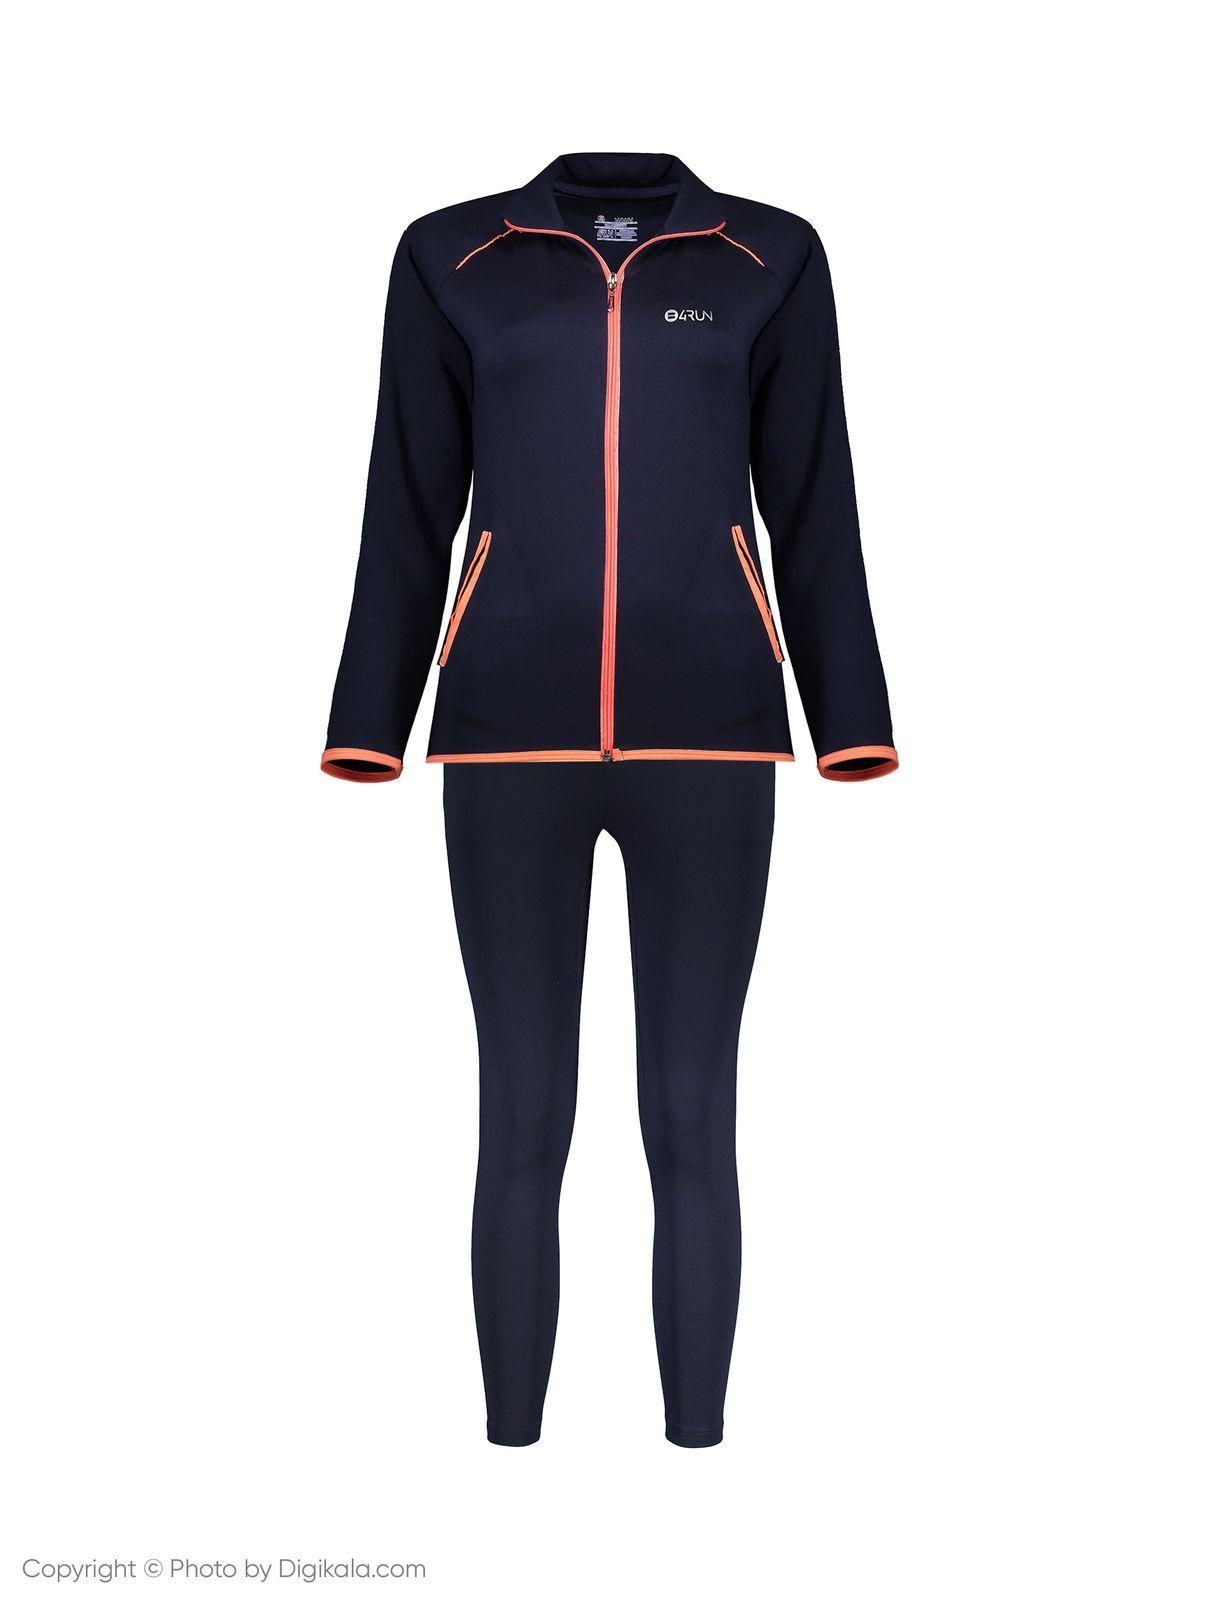 ست سویشرت و شلوار ورزشی زنانه بی فور ران مدل 980121-59 main 1 1